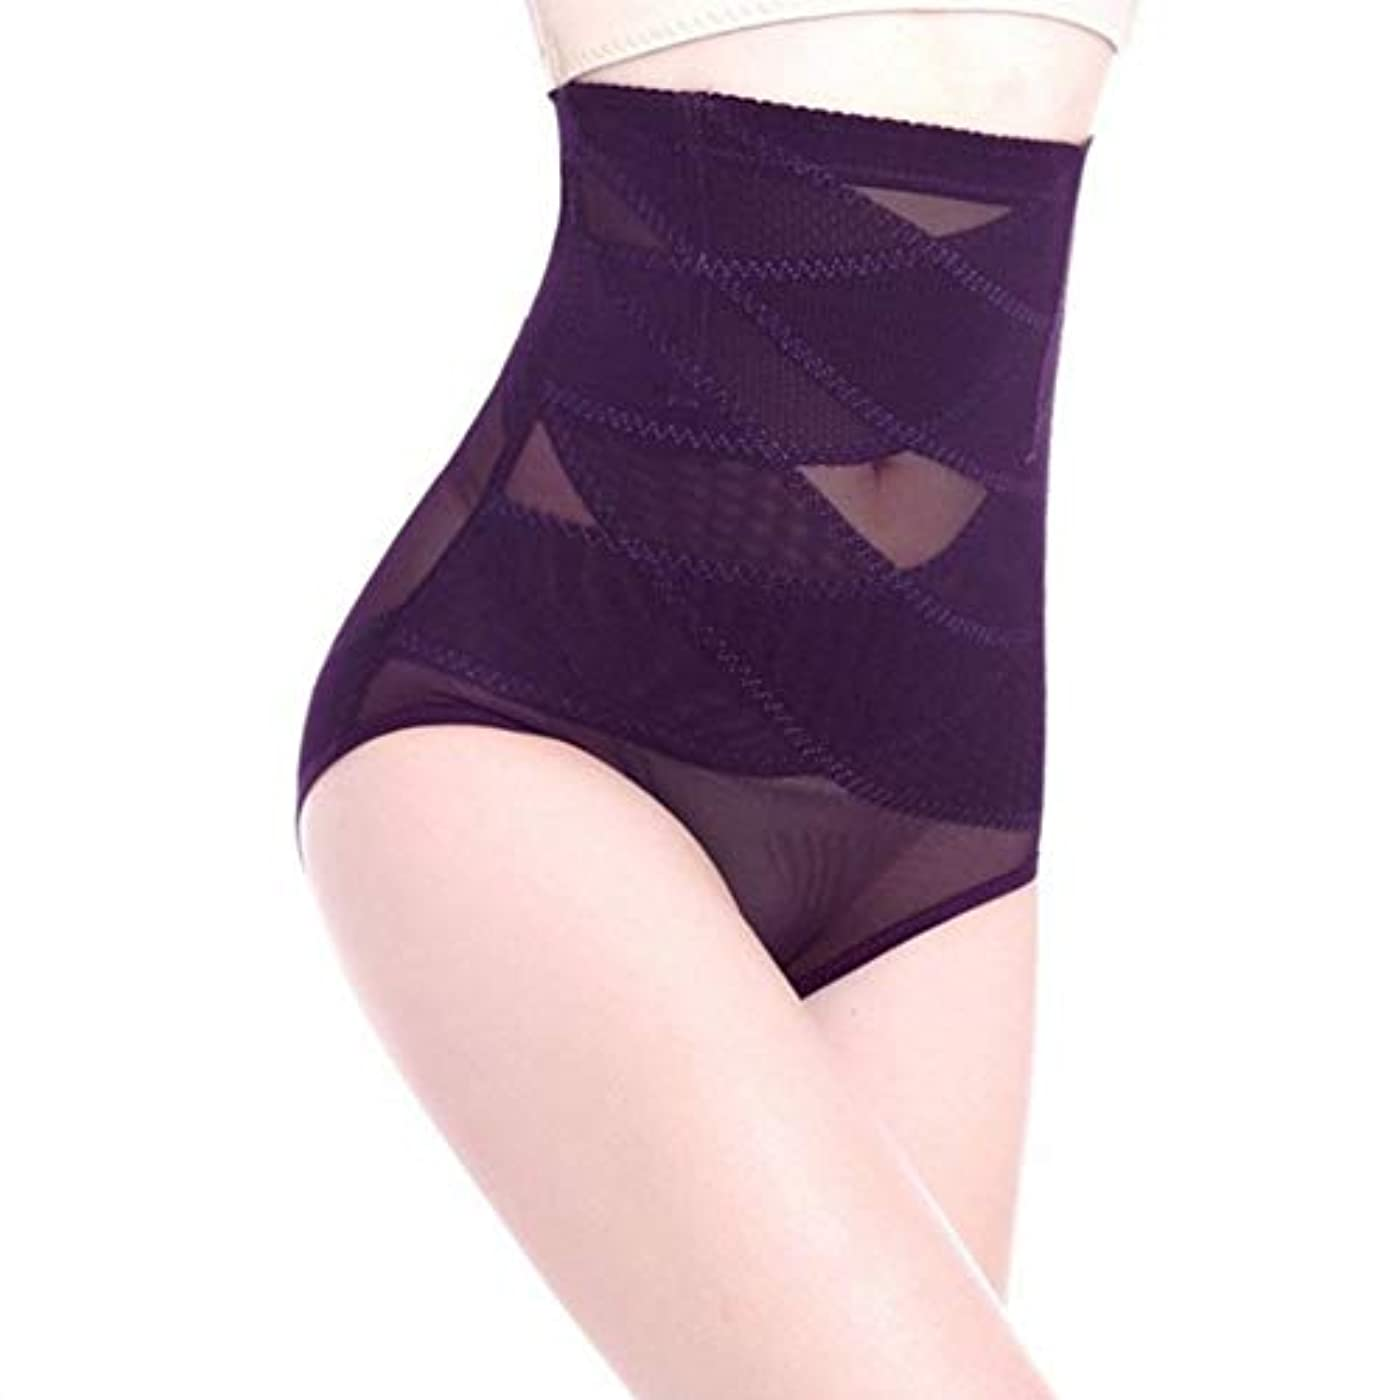 前に抽選前に通気性のあるハイウエスト女性痩身腹部コントロール下着シームレスおなかコントロールパンティーバットリフターボディシェイパー - パープル3 XL